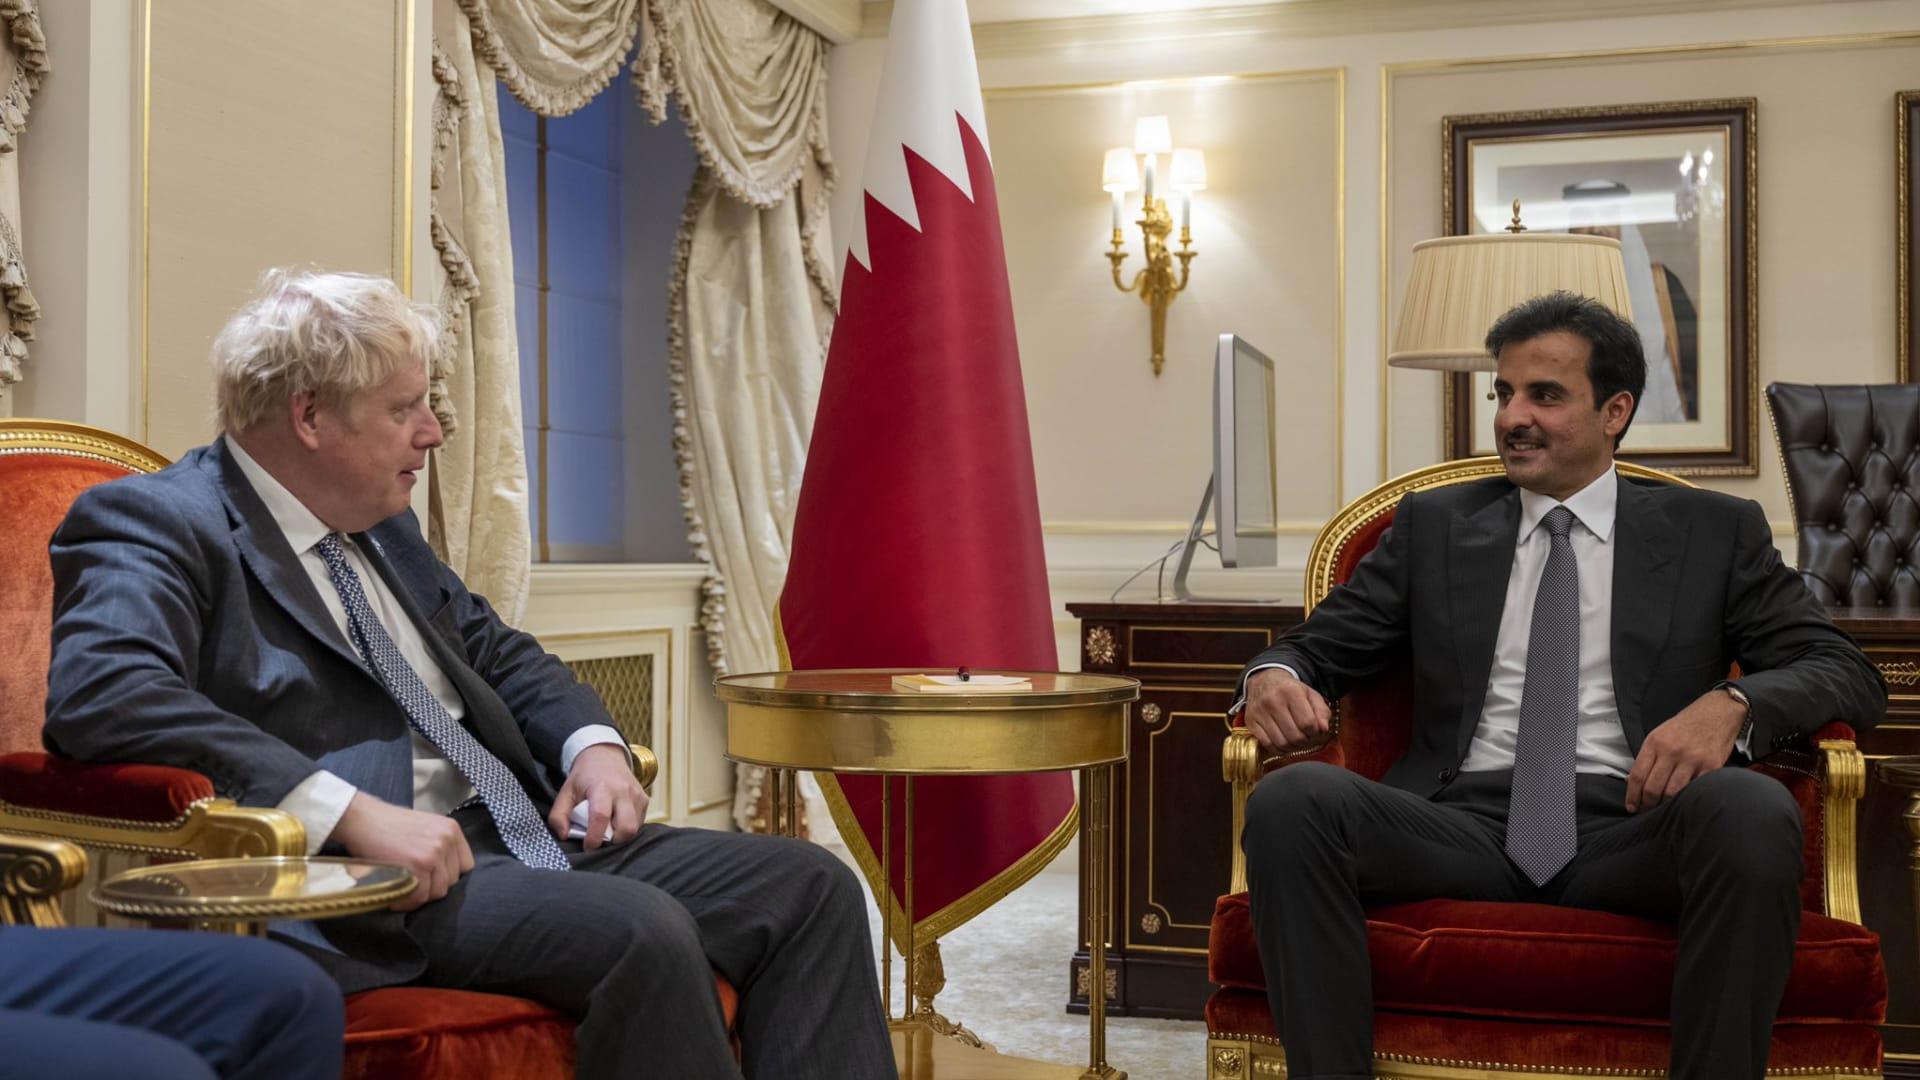 أمير قطر يستقبل بوريس جونسون على هامش أعمال الدورة 76 للجمعية العمومية